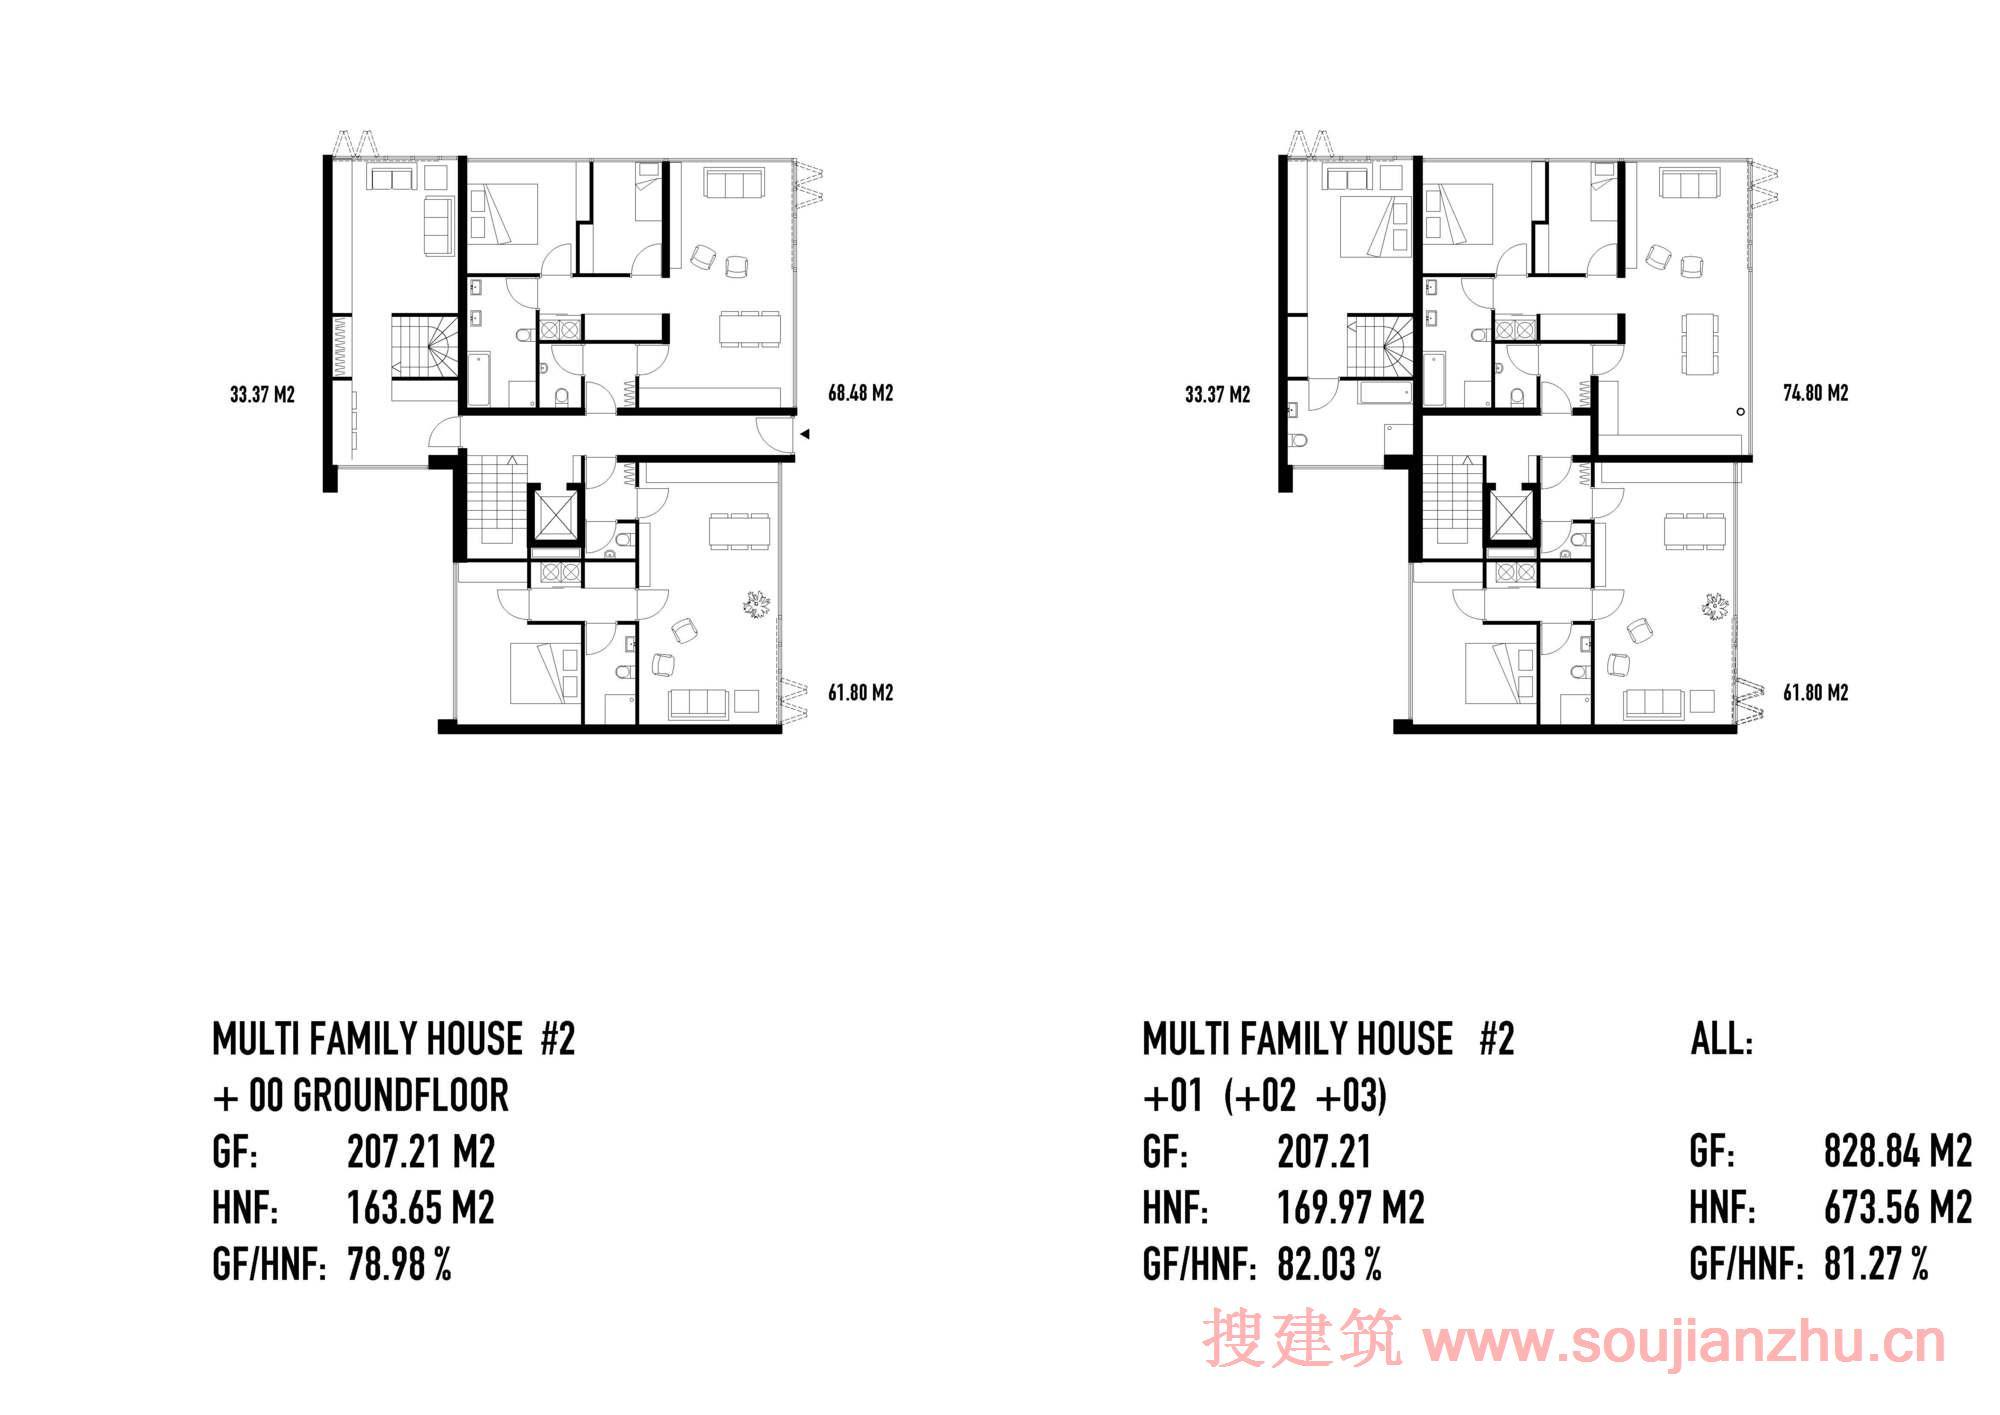 建筑师:MVRDV 地点:瑞士 该项目是由MVRDV设计的,包括95家,有16种不同类型。他们的城市混合发展方案结合城市住宅中央位置,隐私权的特点,对郊区生活的特点,地下停车场:花园,多层次的生活和社区居委会。工程预计在2015年开始建设。 住房要求比较简要,MVRDV创造了一个混合的城市街区在角落的小公寓,沿着街道和花园和露台的房子的块内排屋。16个不同的房屋类型,一至四层面积从30到130平方米不等,自然会吸引居民混合组,是创造一个生动的城市环境的一个重要因素。该项目包括9000平方米的住